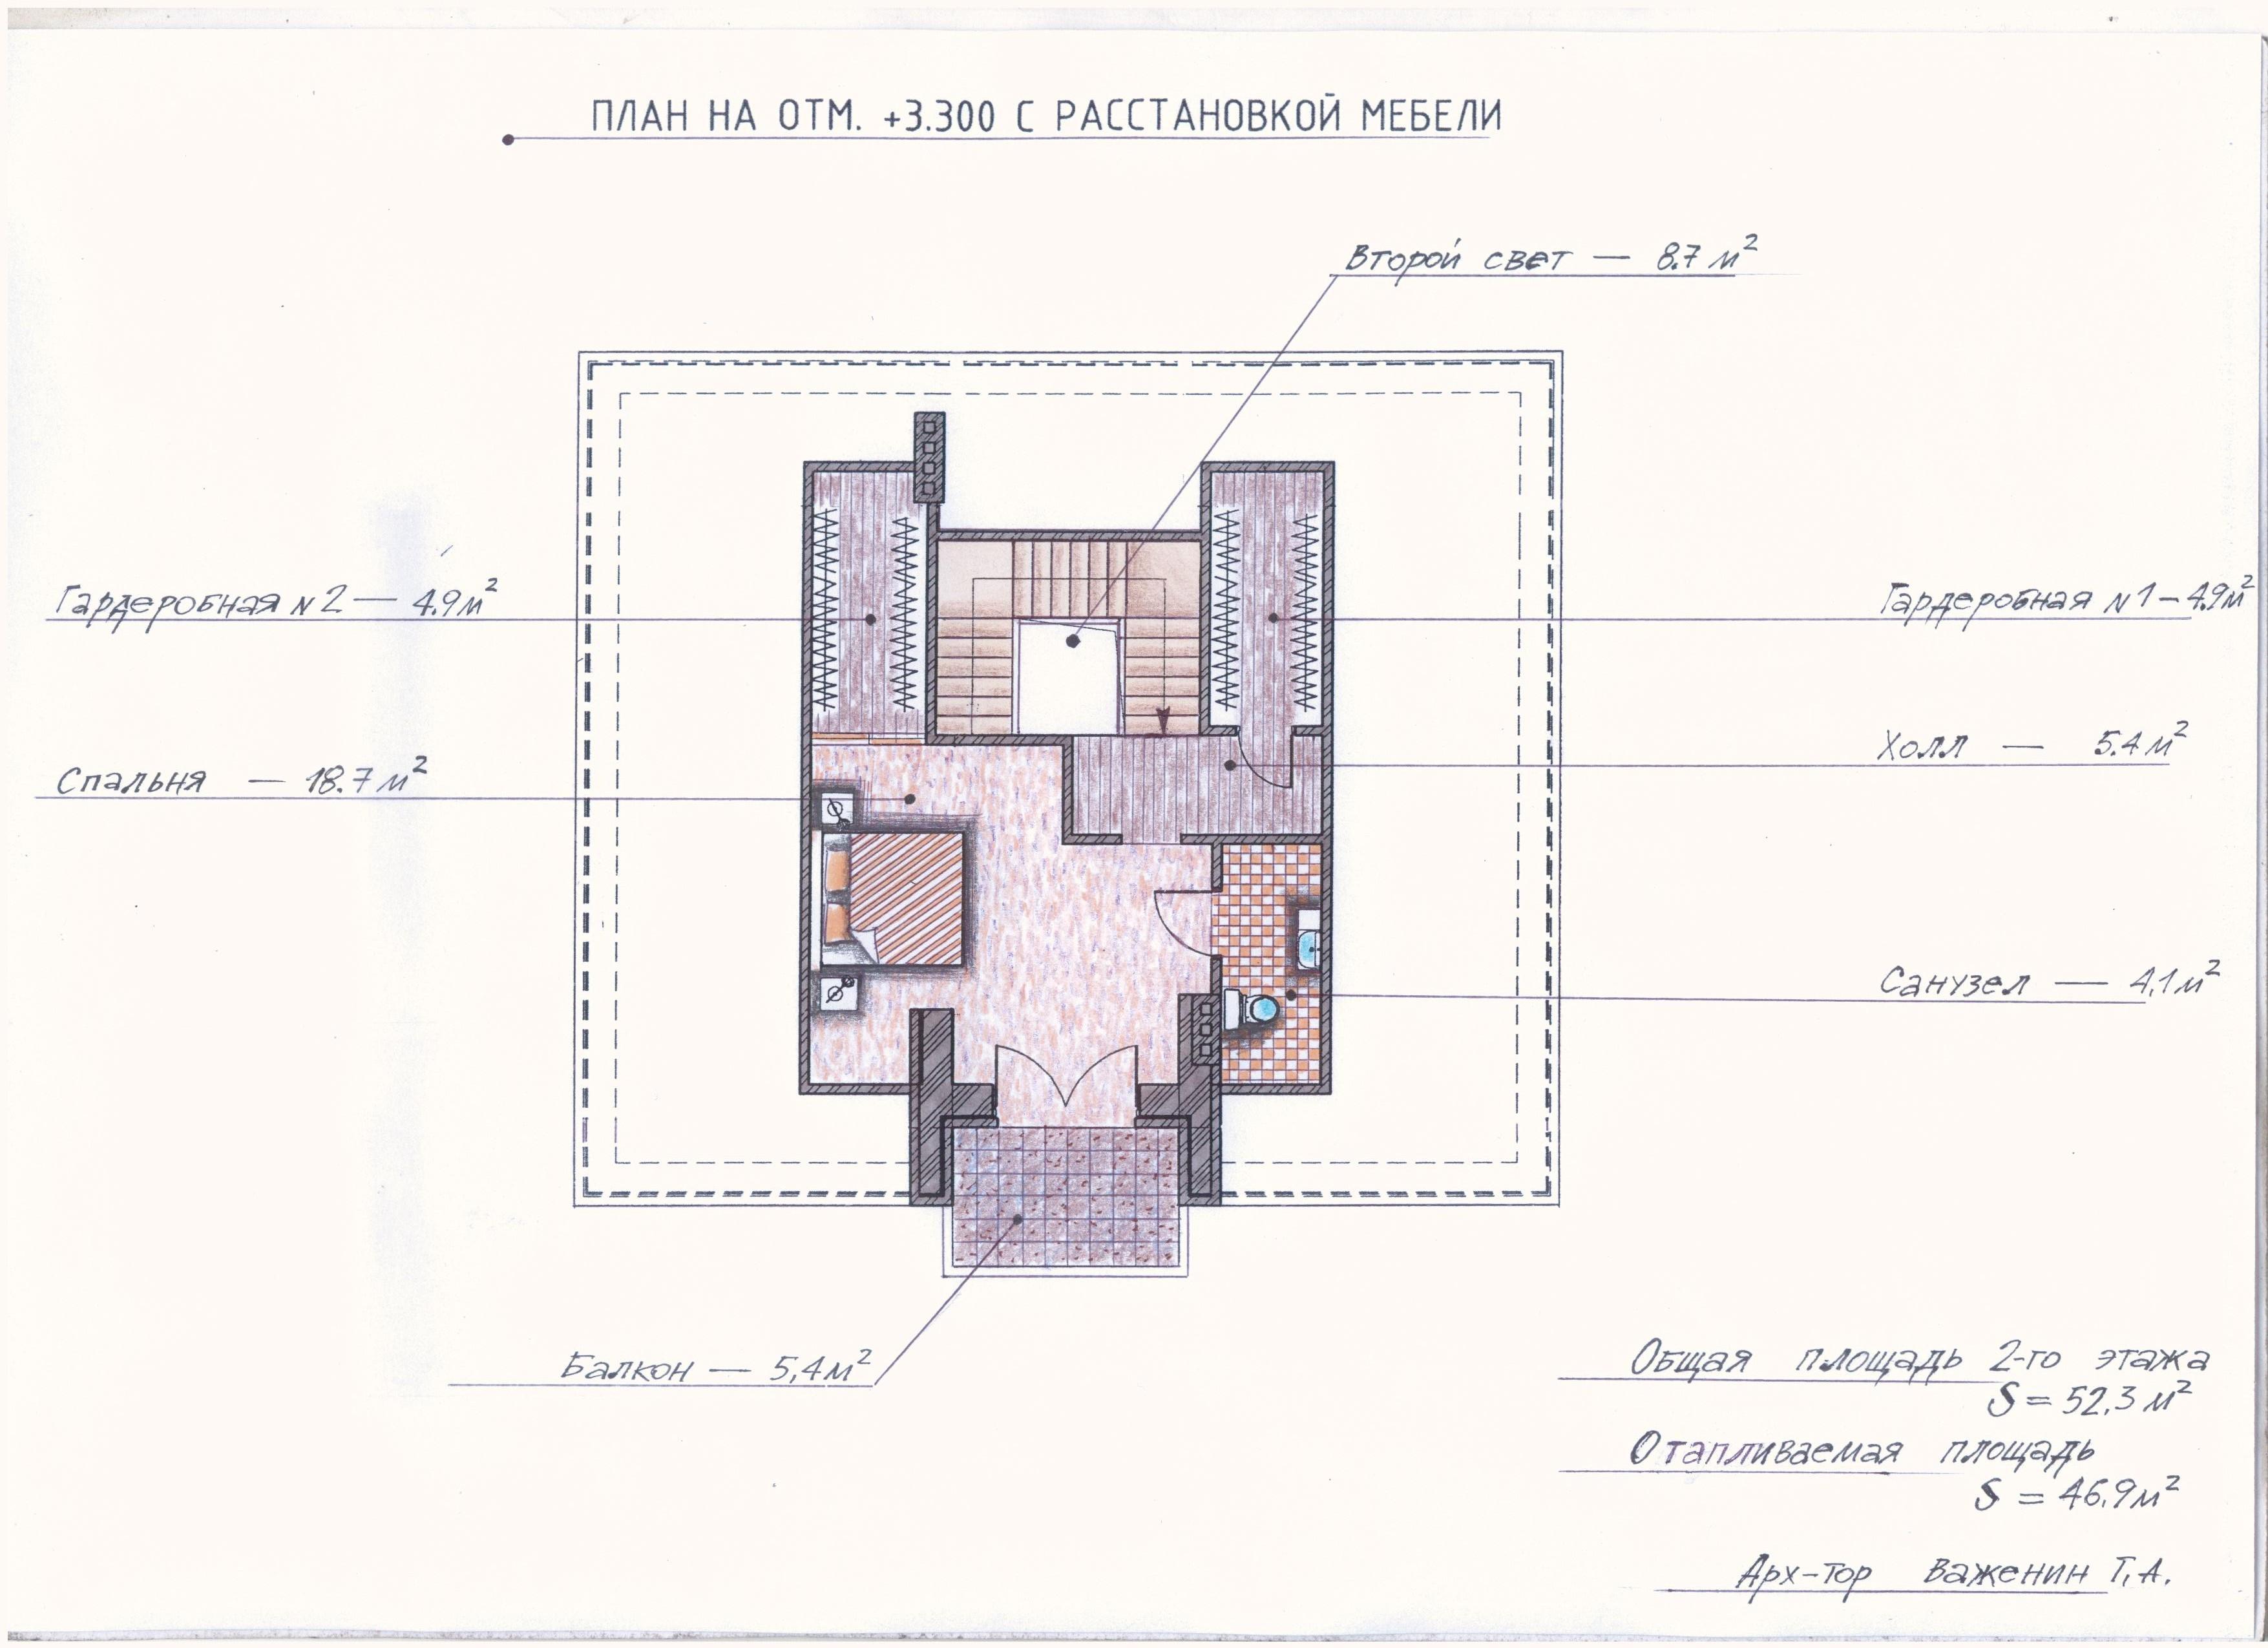 Иж-365 план